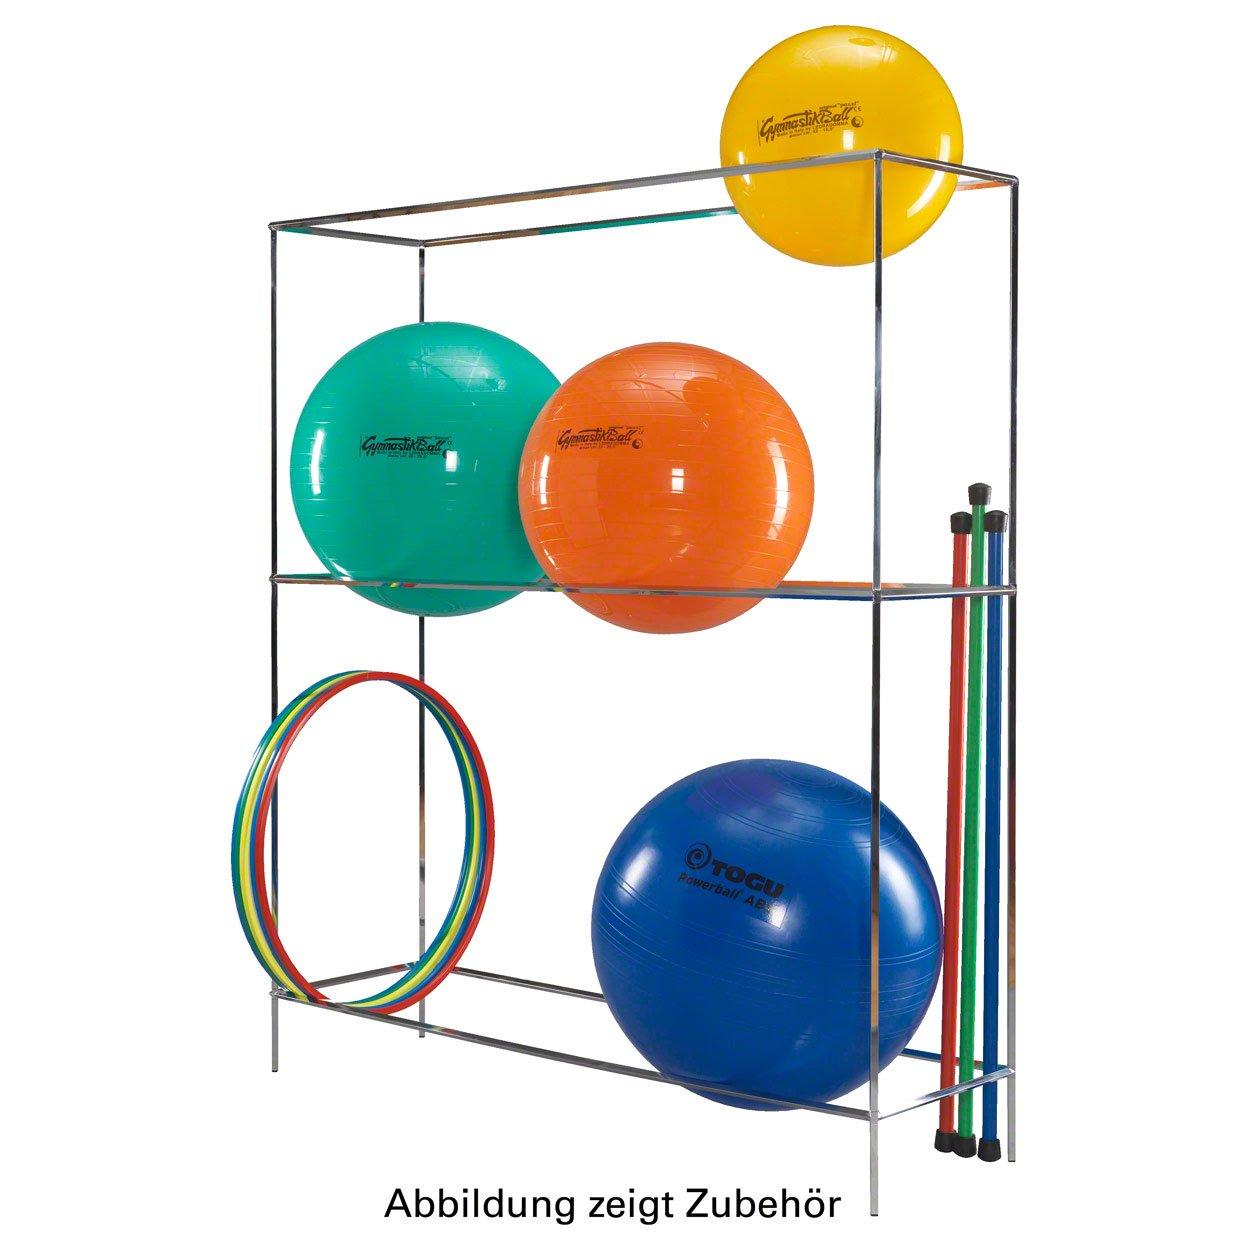 Ballregal Basismodul für 6-9 Bälle Standregal für Sporthallen Physiotherapie